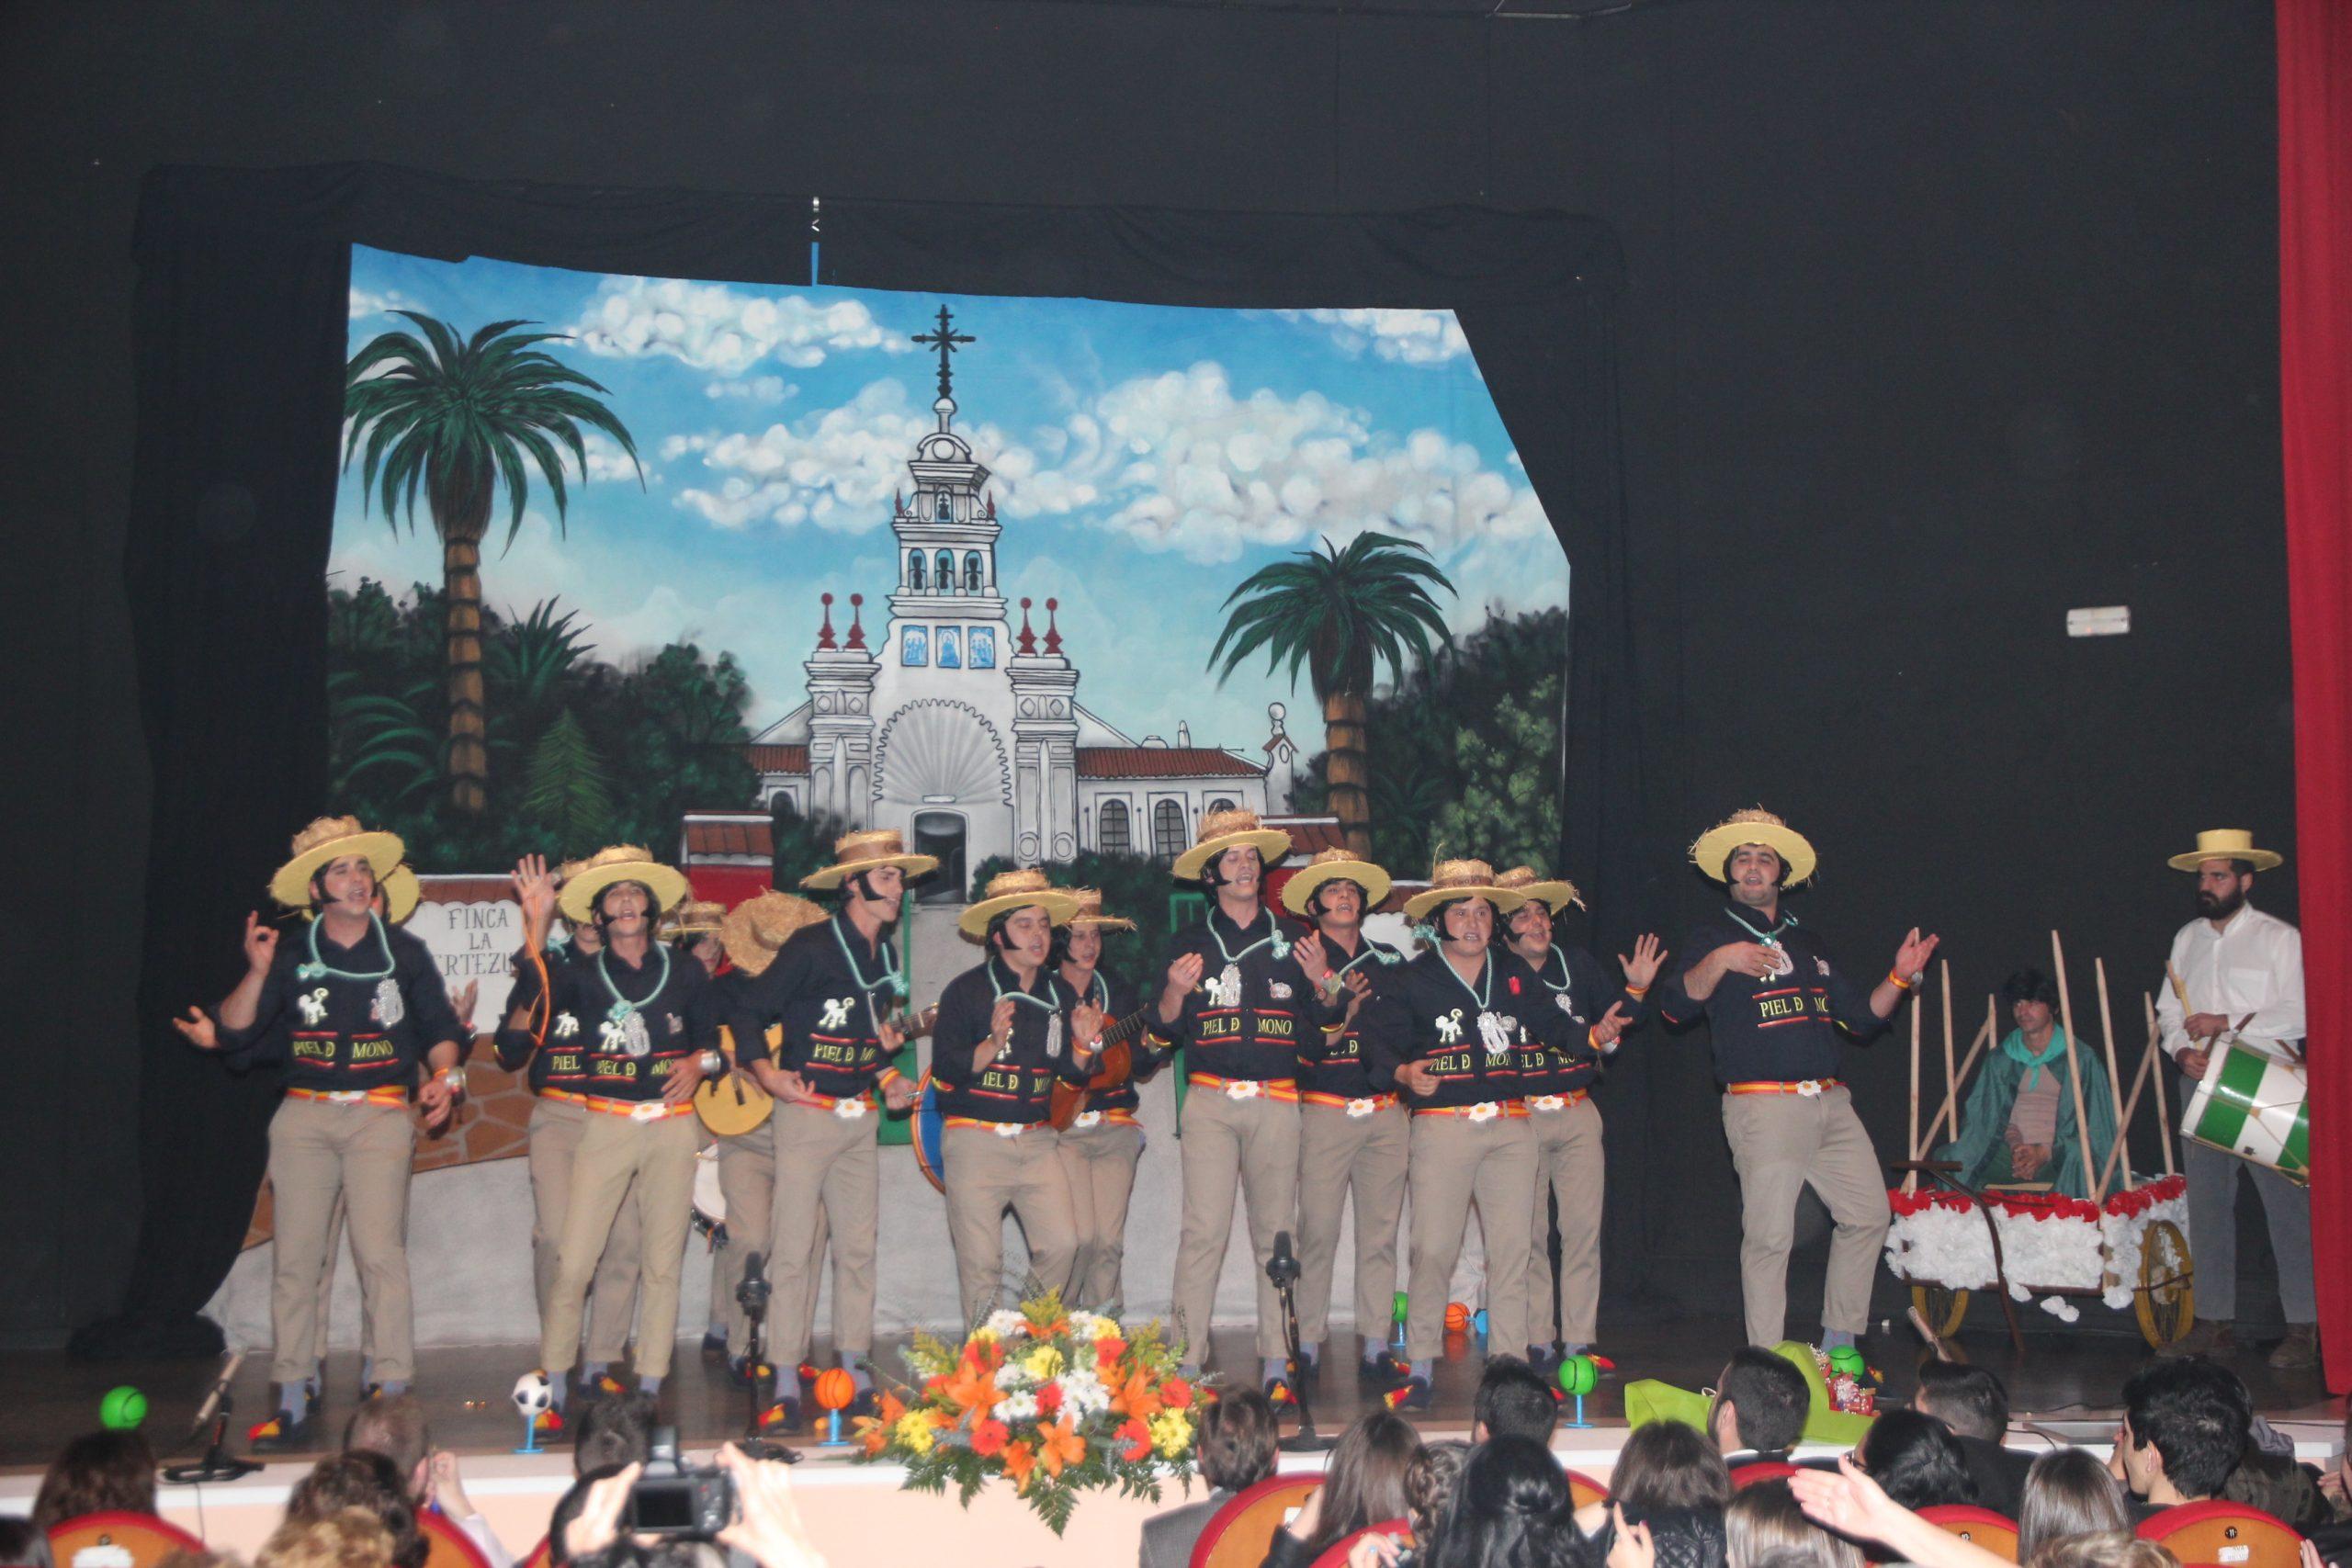 XXX Concurso Local de Agrupaciones de Carnaval. 25.02.17 2